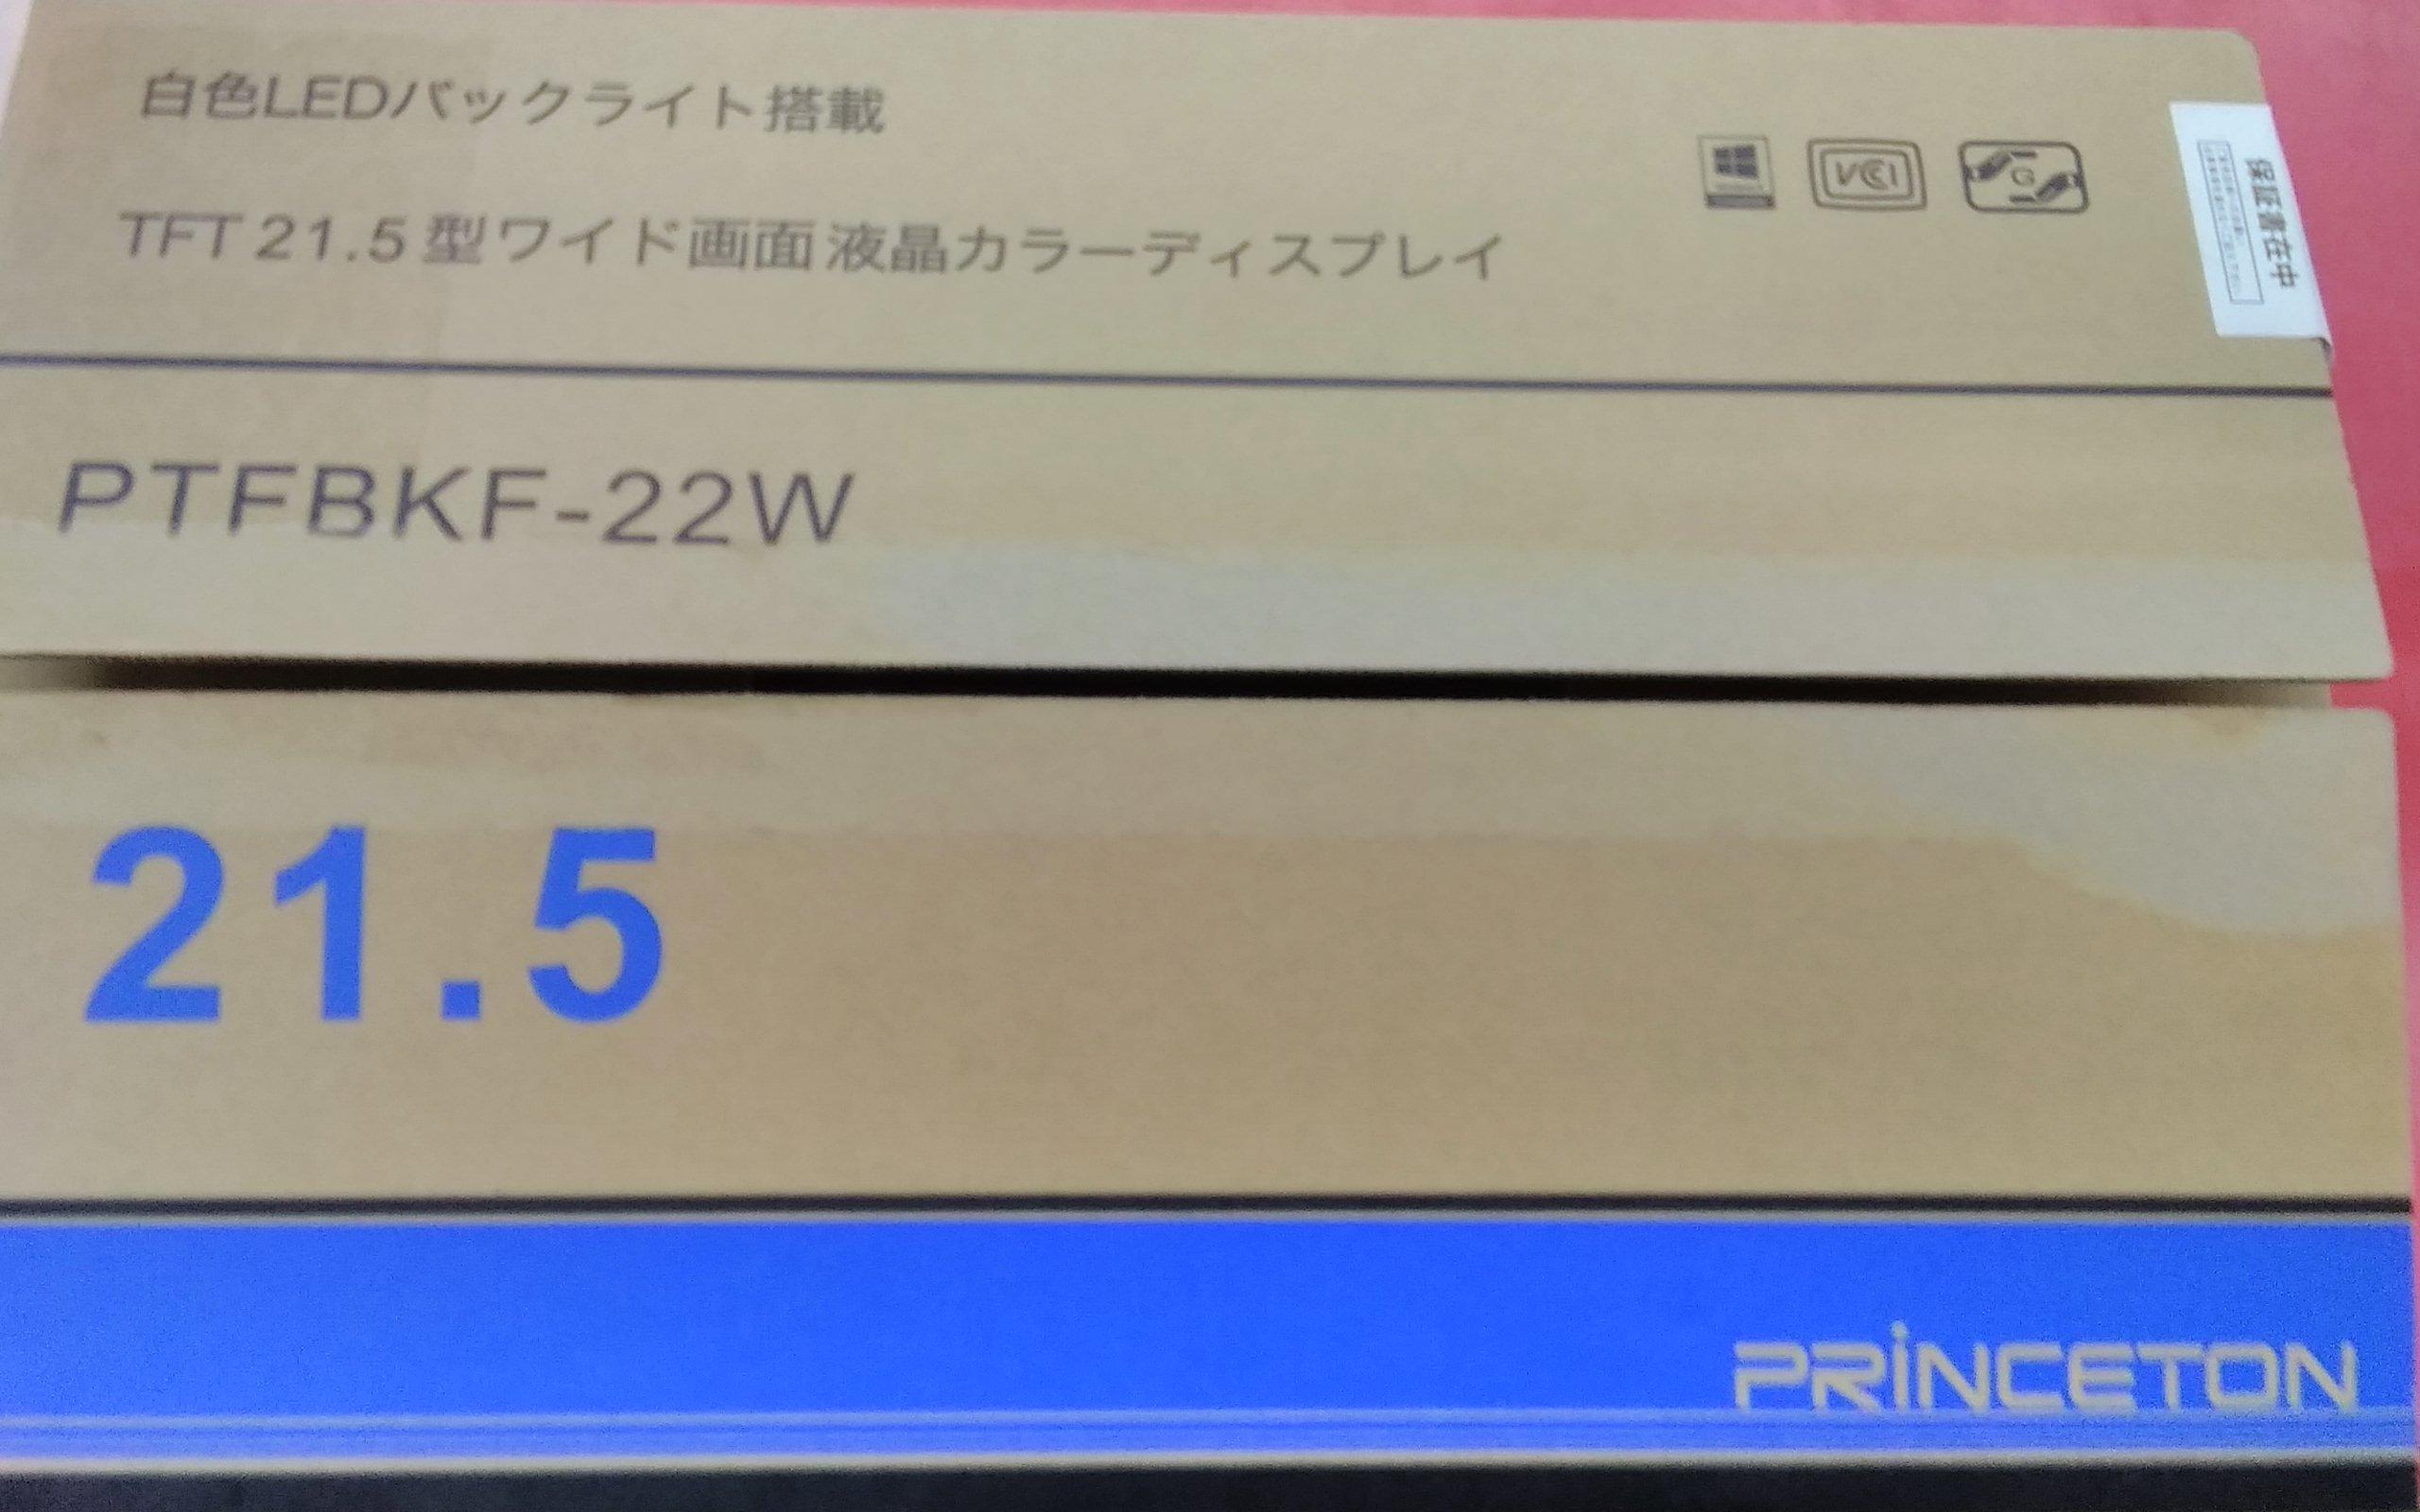 プリンストン/液晶モニター/PTFBKF-22W|PRINCETON